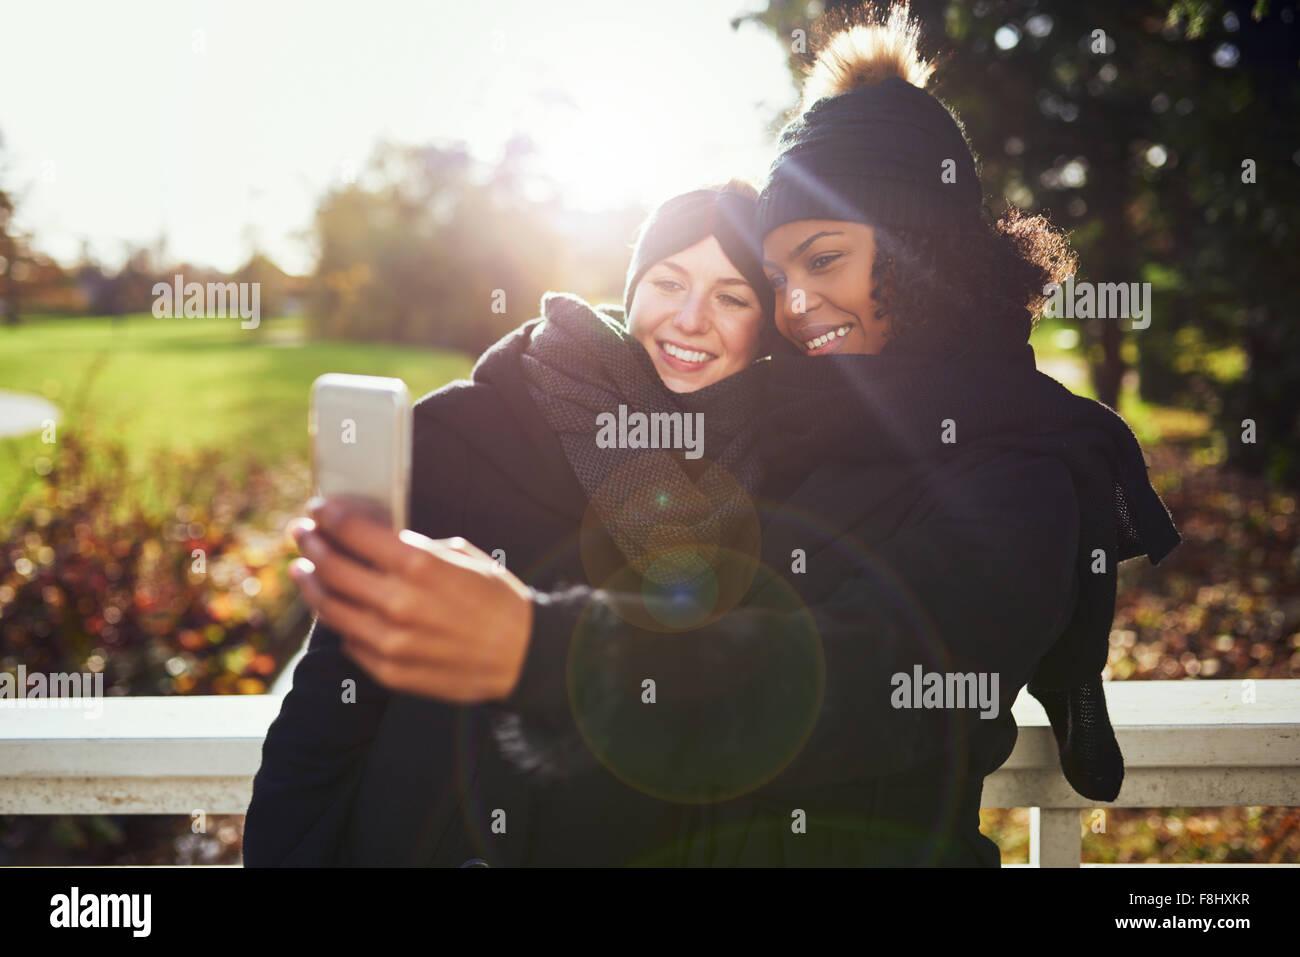 Dos sonriente joven mujer teniendo selfie contra del parque otoñal Imagen De Stock